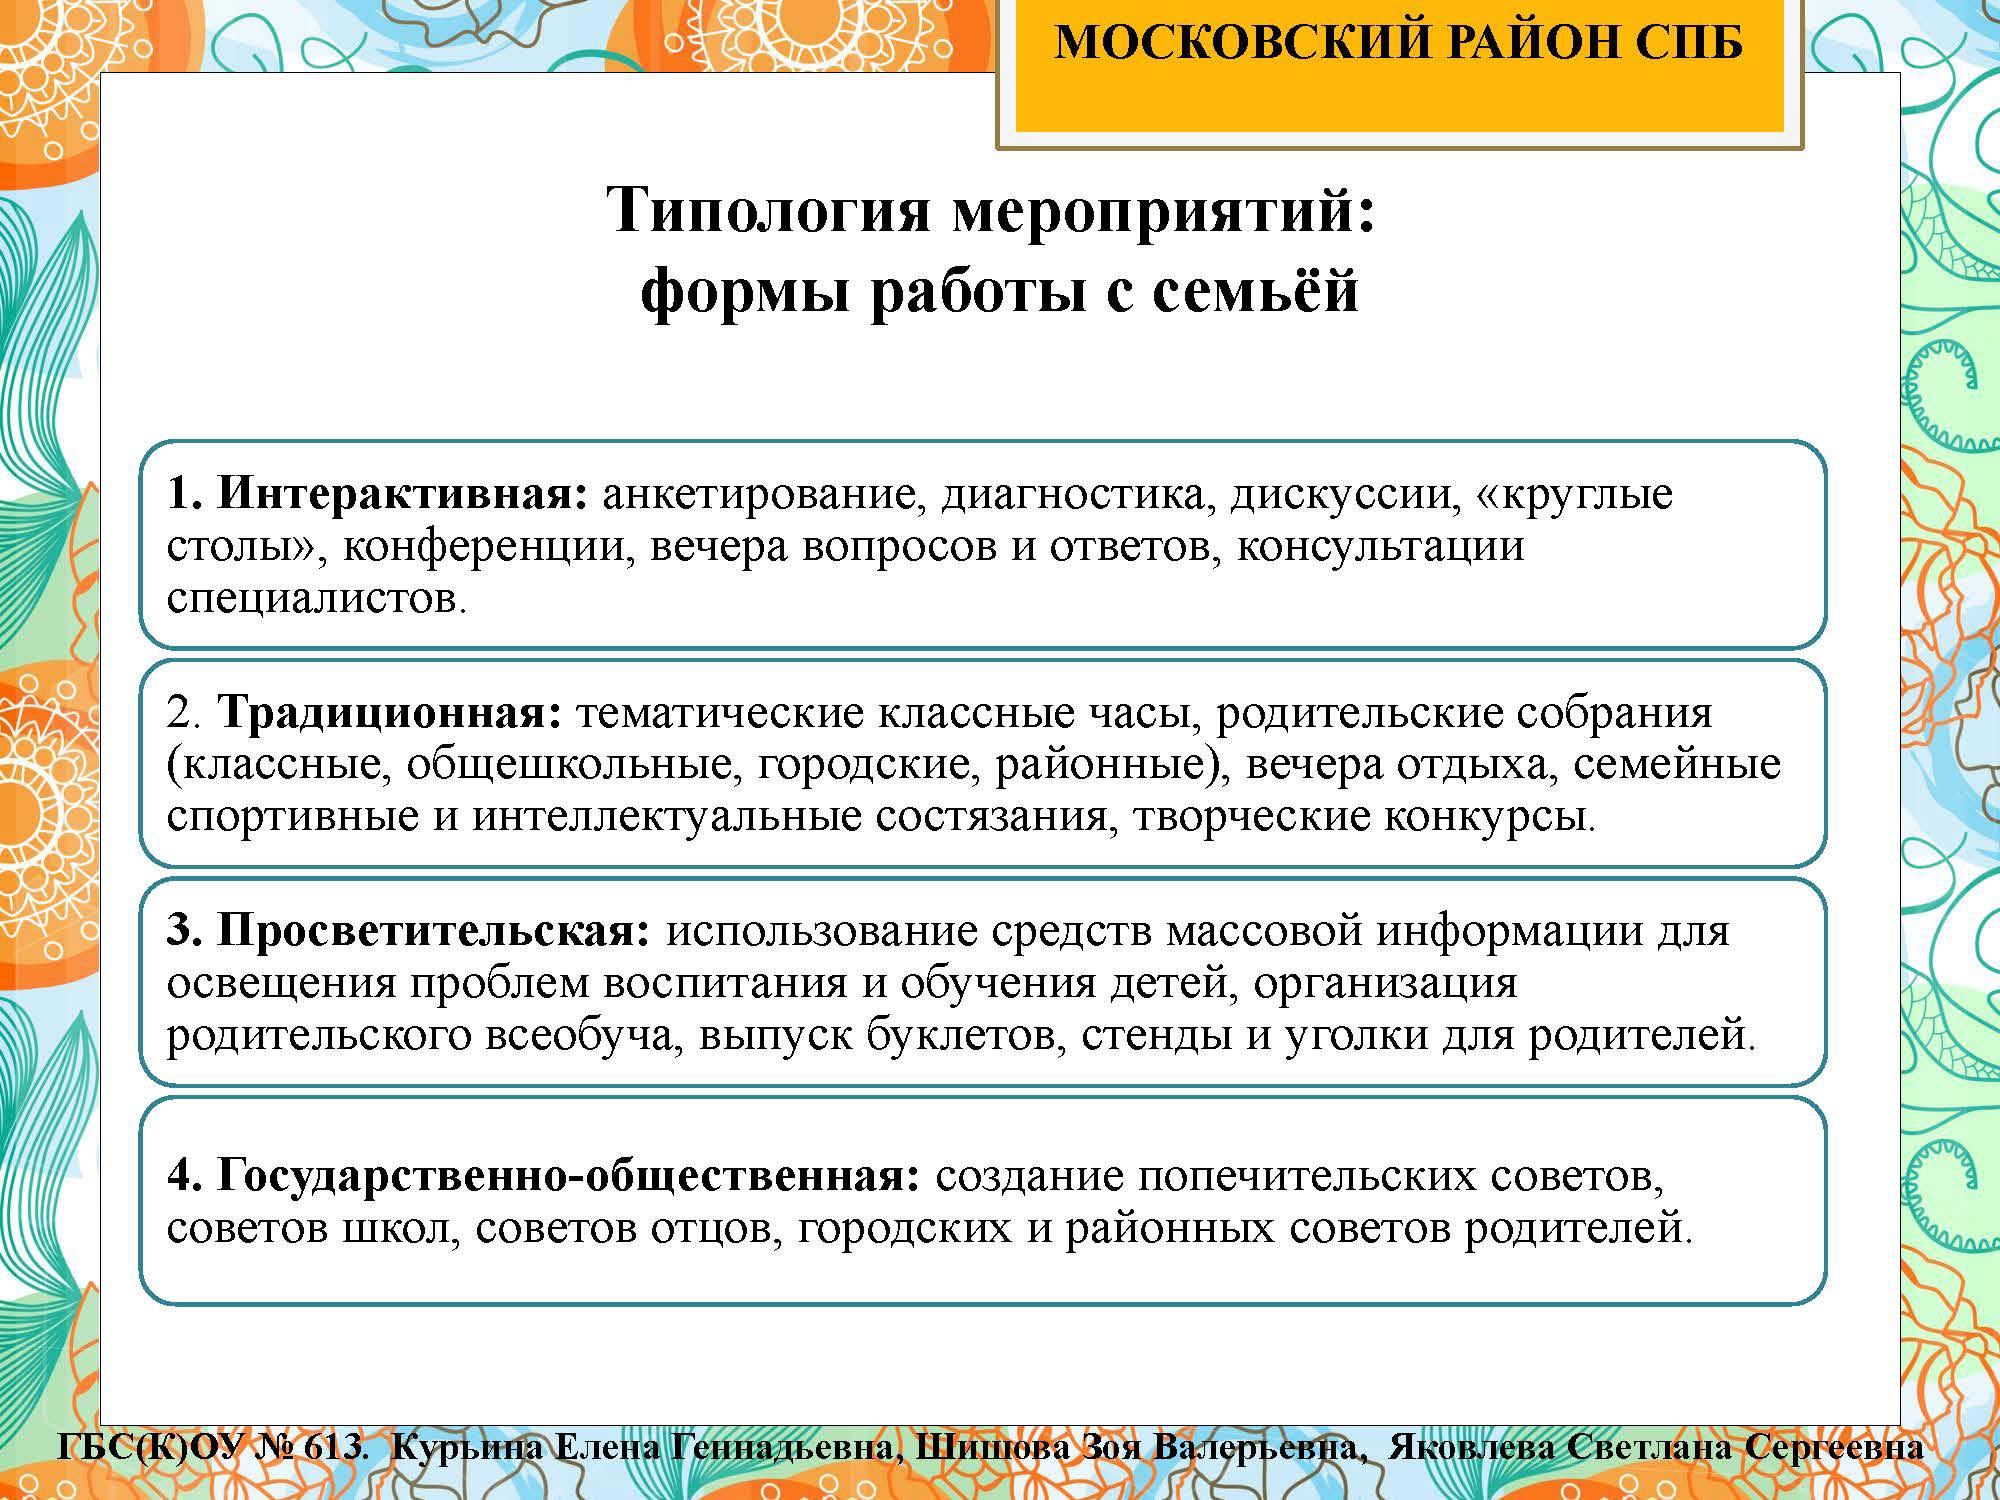 секция 8. ГБС(К)ОУ 613. Московский район_Страница_08